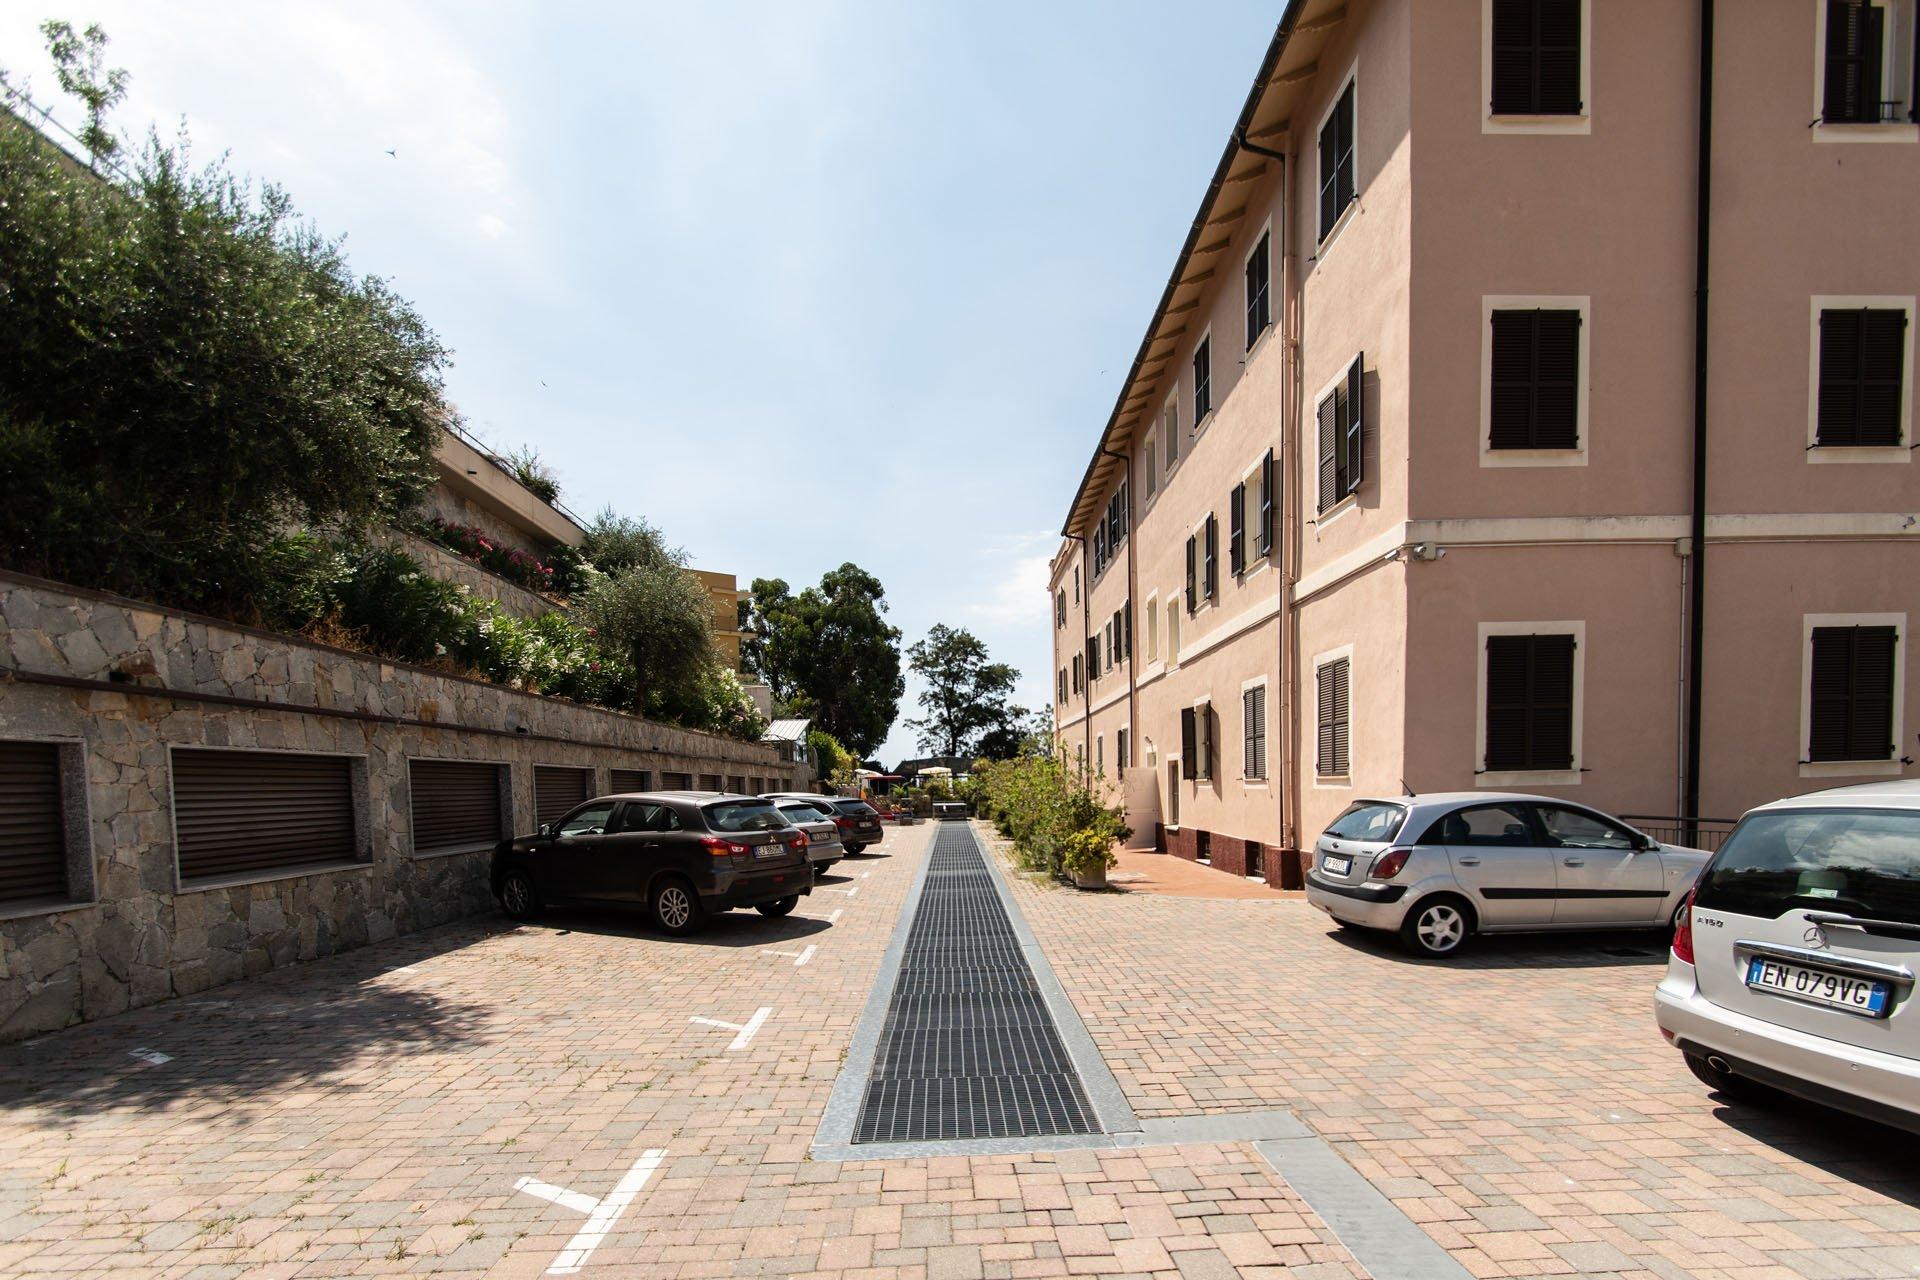 Parcheggio hotel san giuseppe